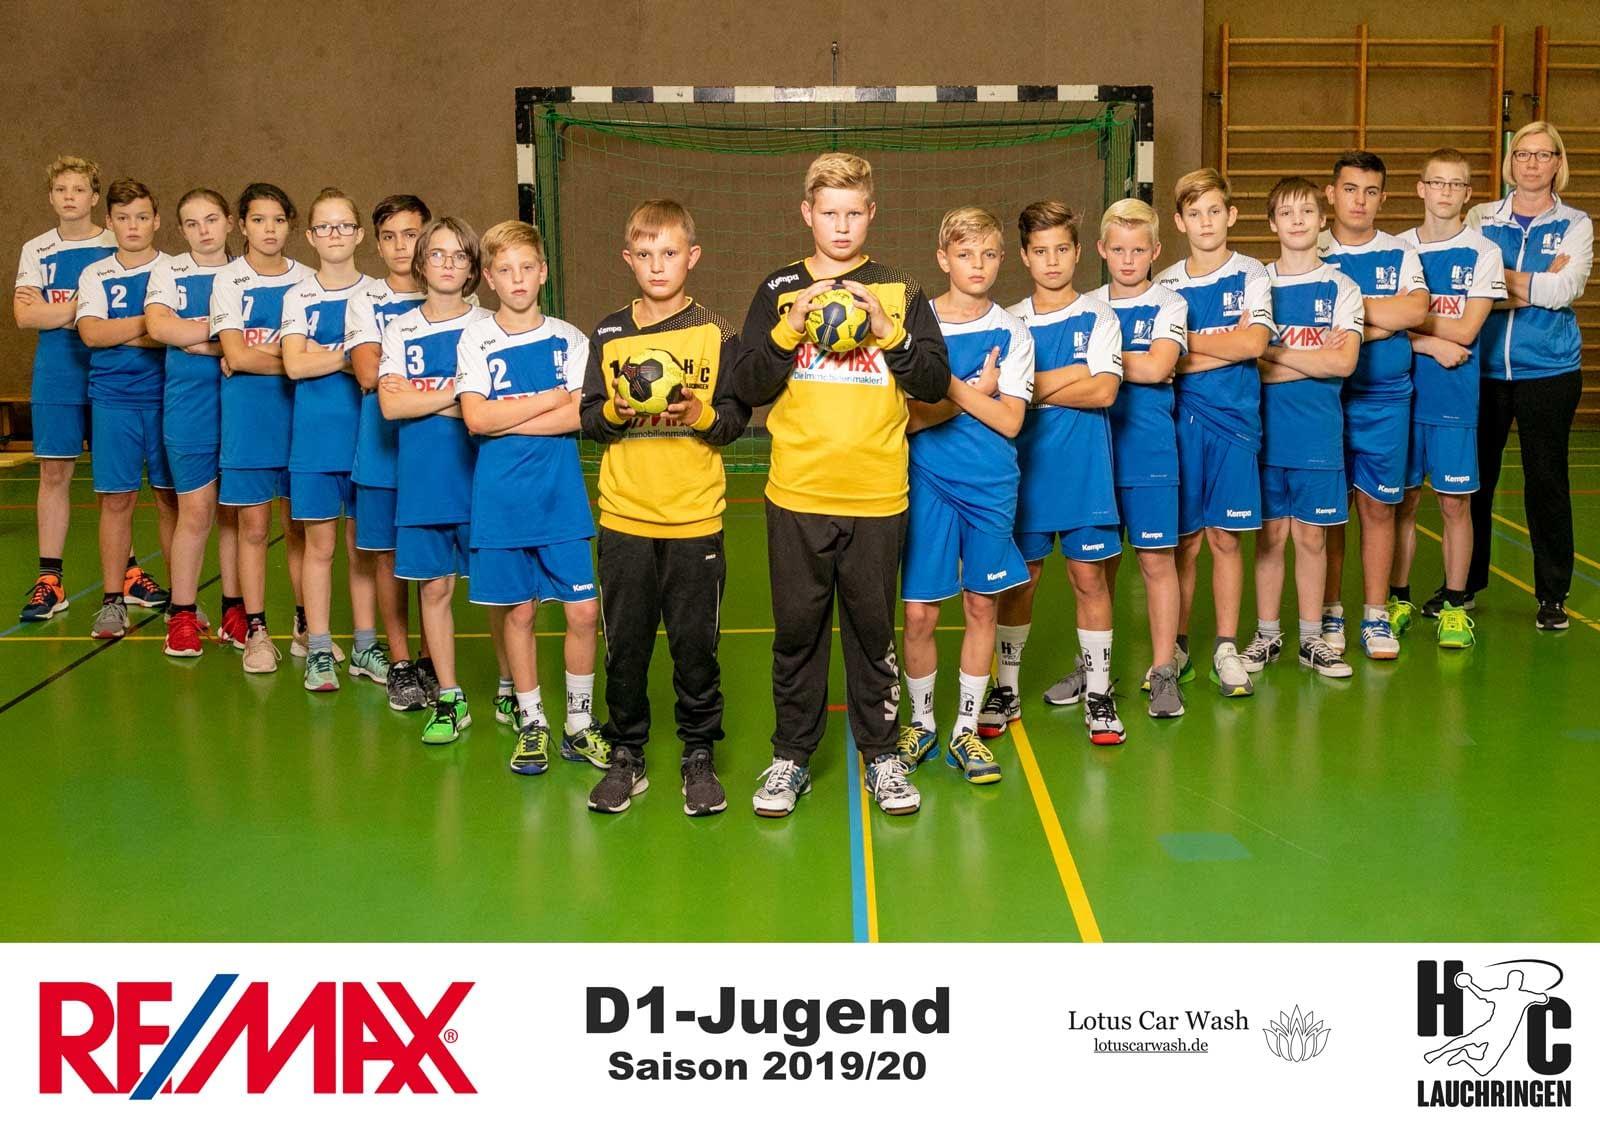 D-Jugend HC Lauchringen